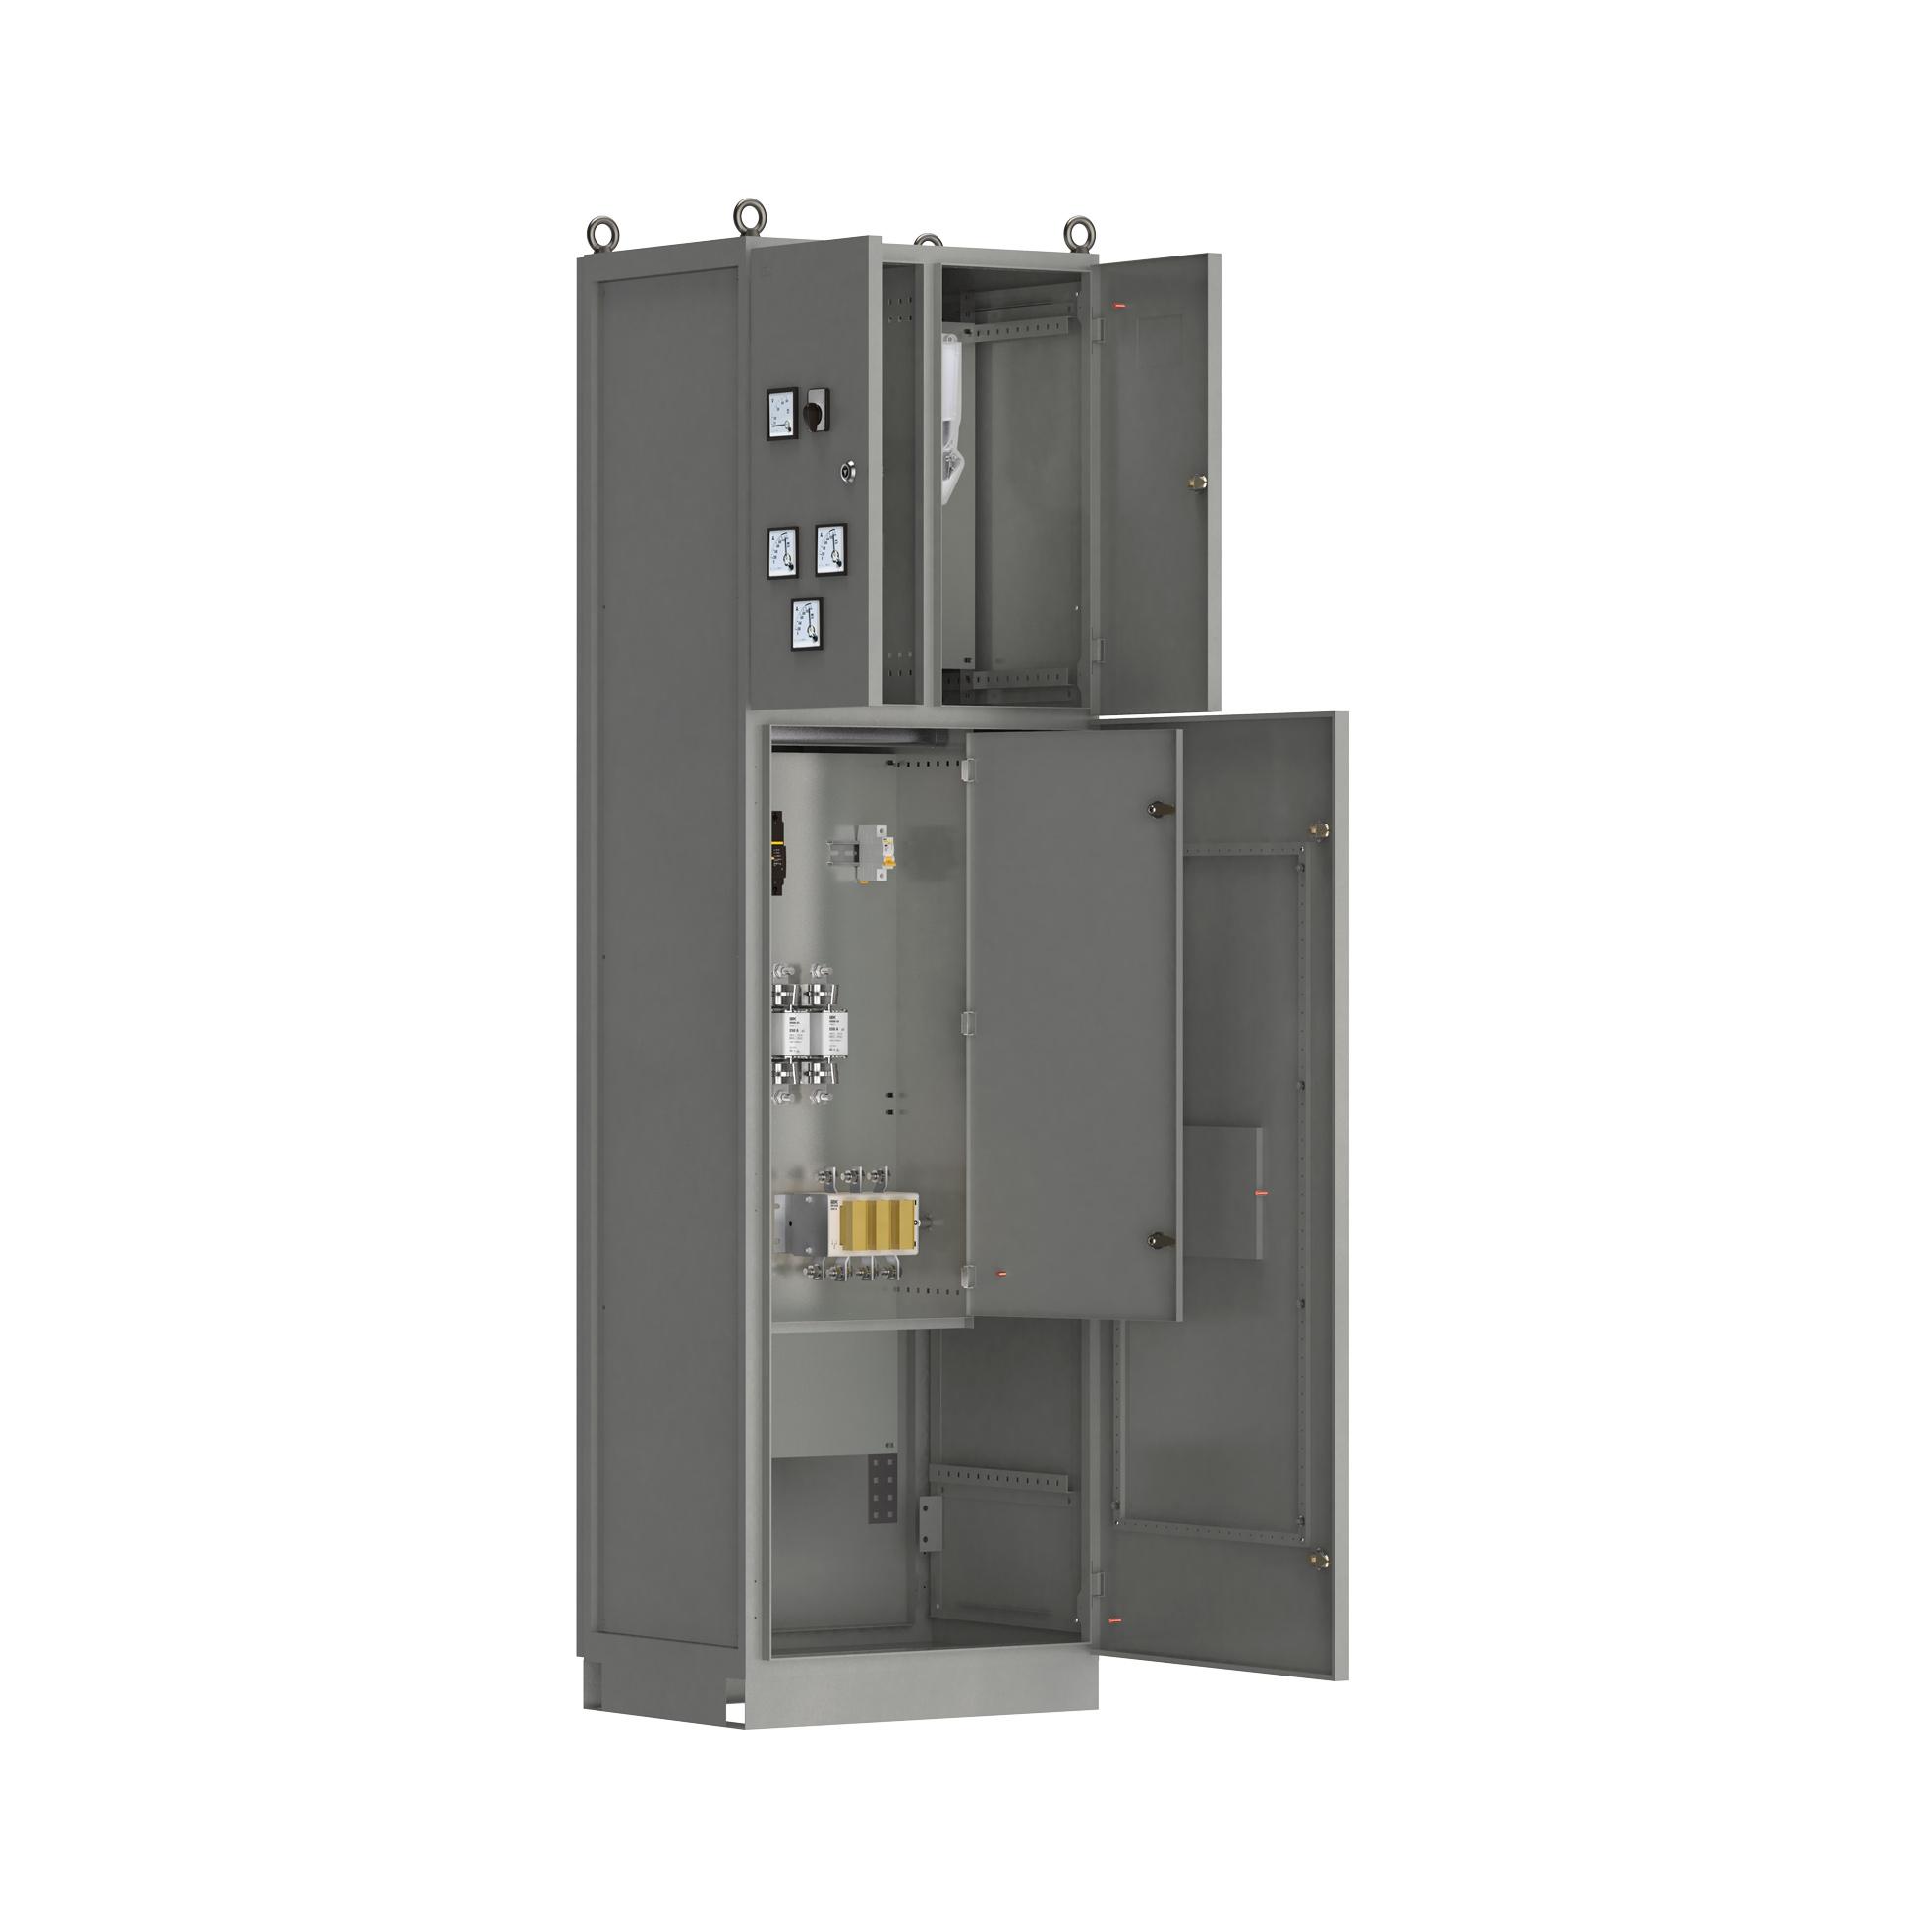 Панель вводная ВРУ-8505 МУ 4ВП-2-40-0-30 рубильник 1х400А выключатели автоматические 3Р 1х160А 1Р 1х6А плавкие вставки 3х400А и учет IEK